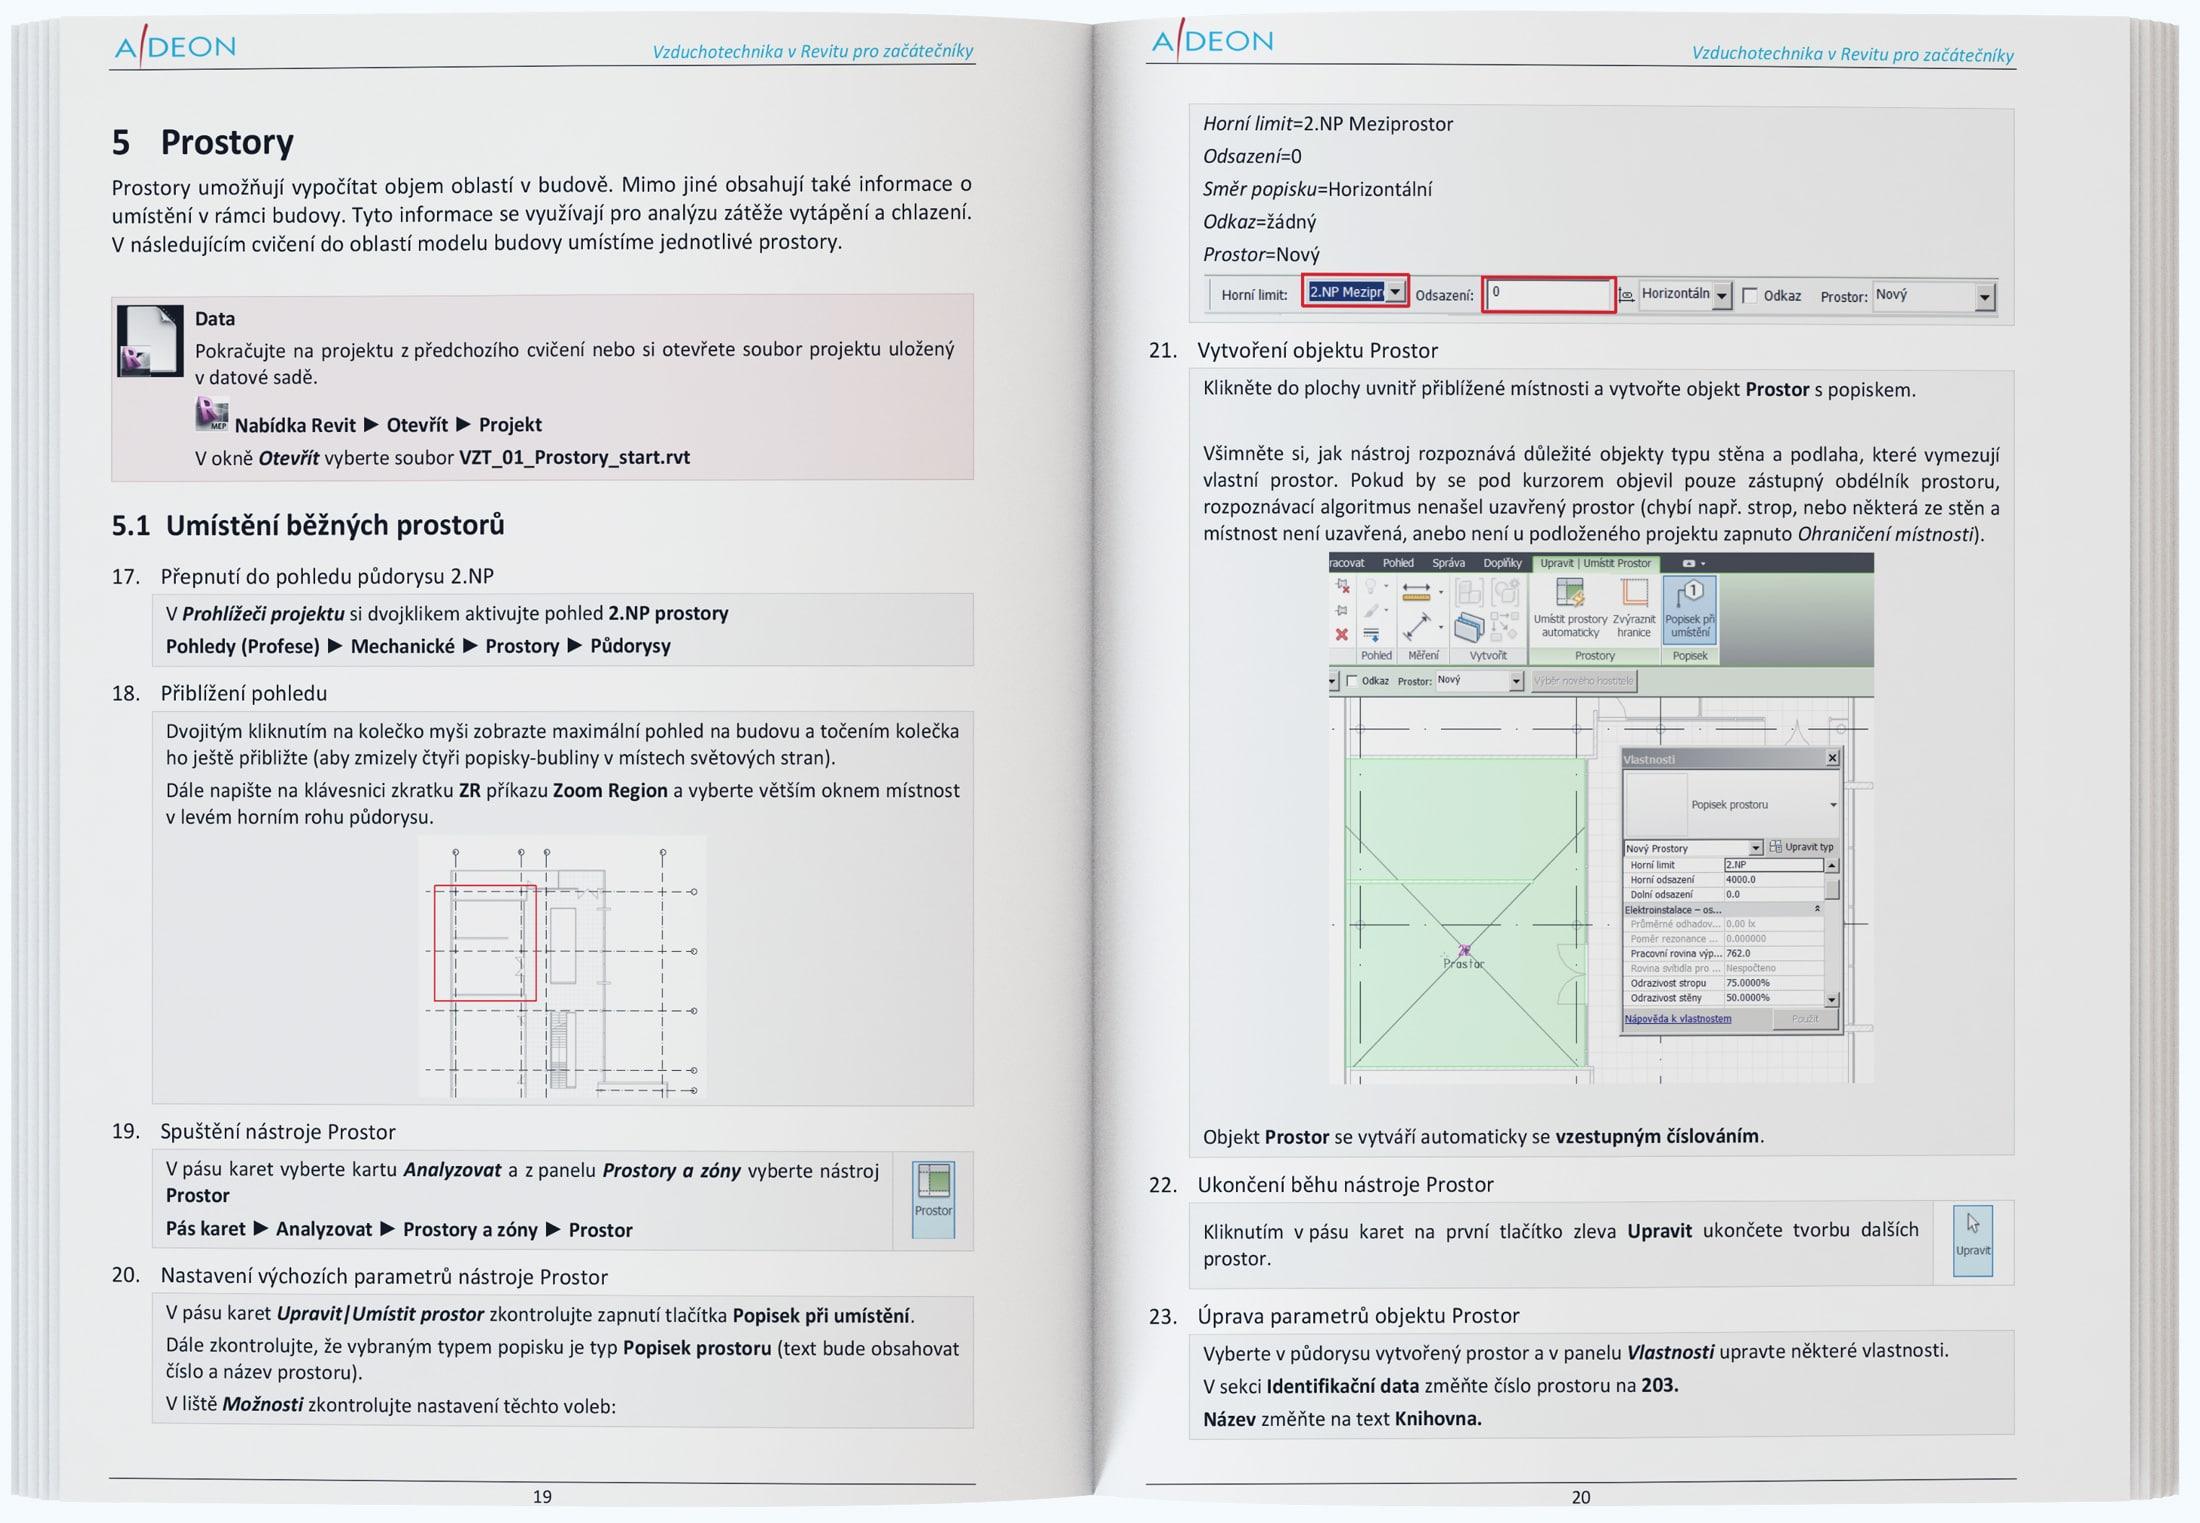 02-vzduchotechnika_v_revitu kniha